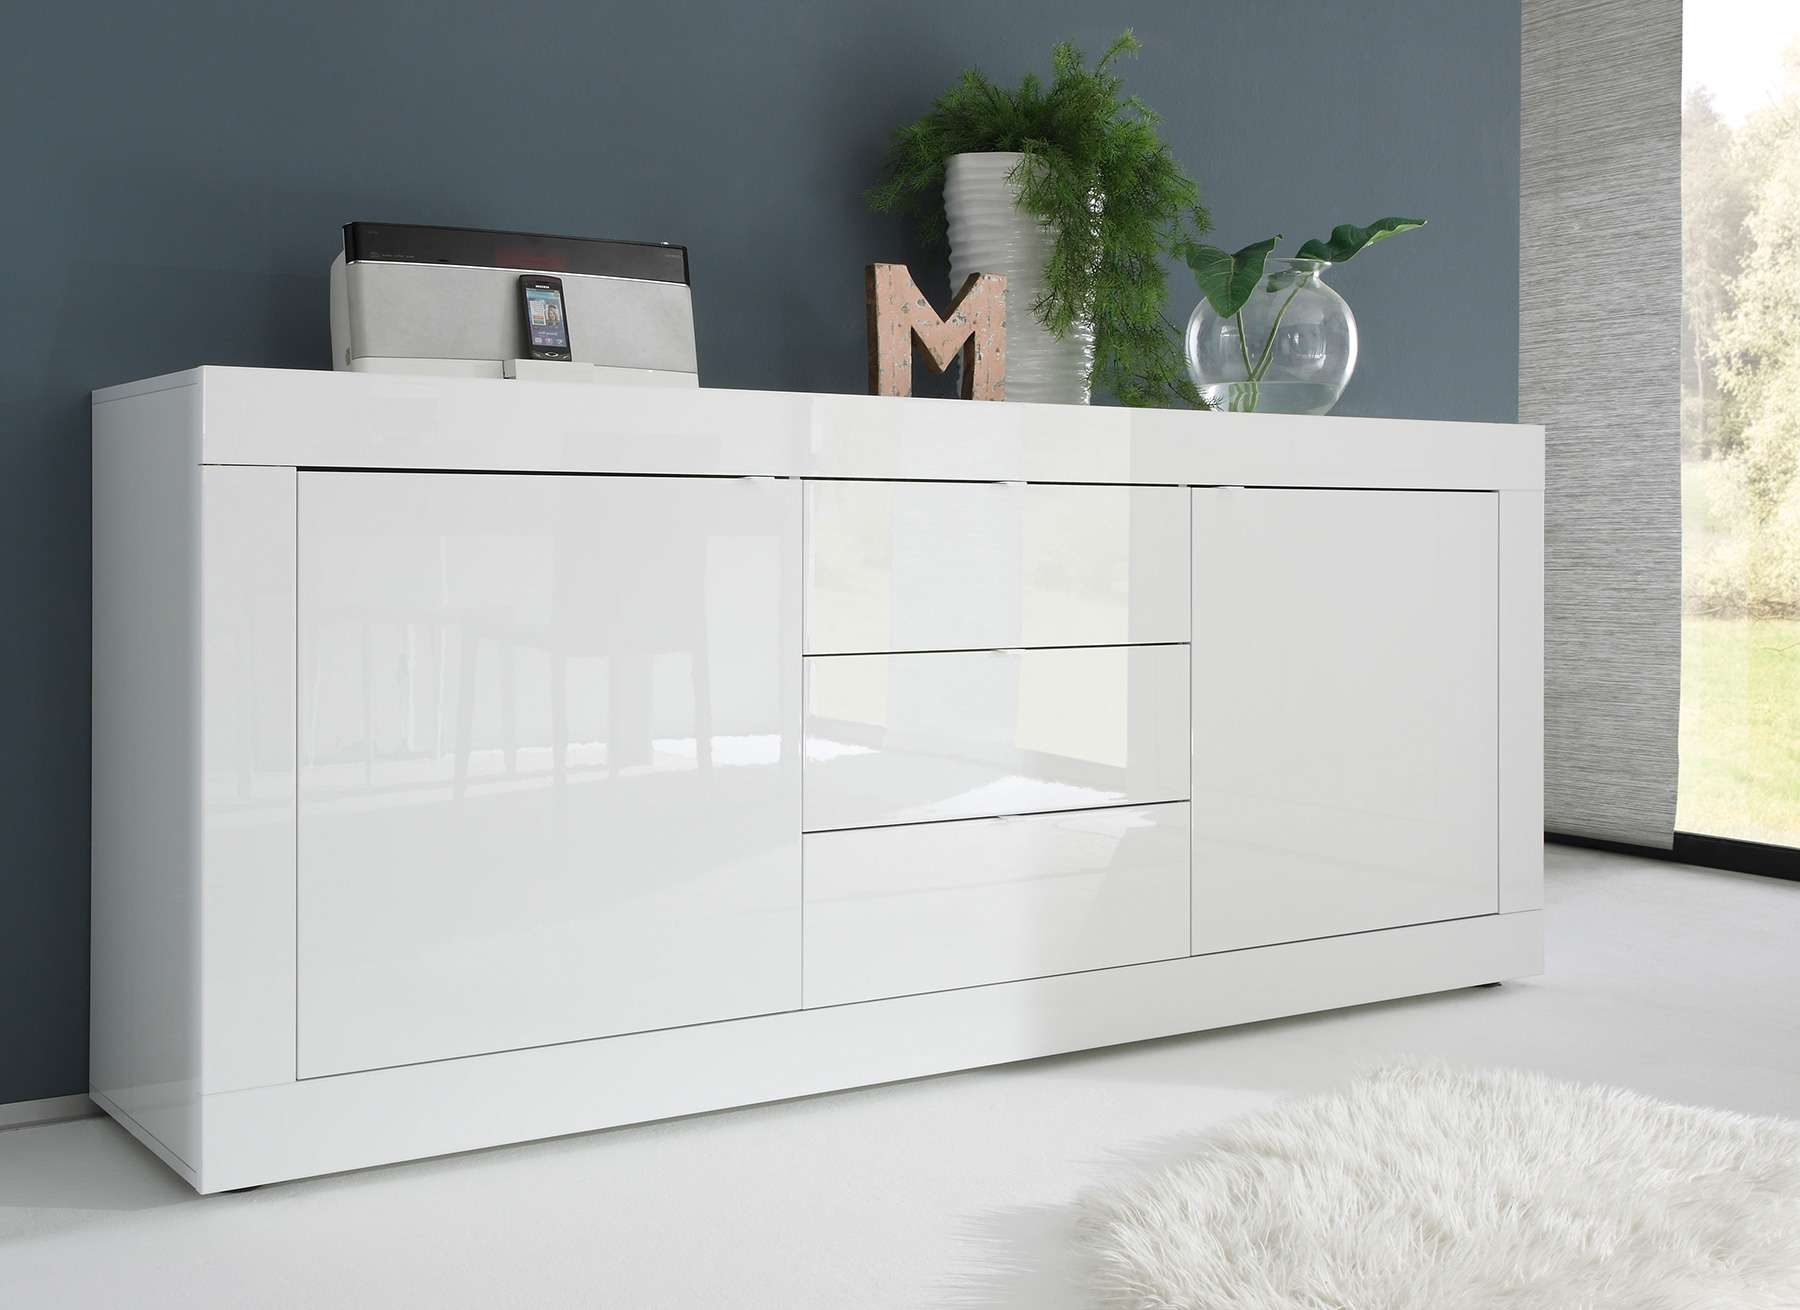 Sideboard Weiß Hochglanz / Eiche Wenge Caserta18 – Designermöbel With Kommoden Sideboards (View 17 of 20)